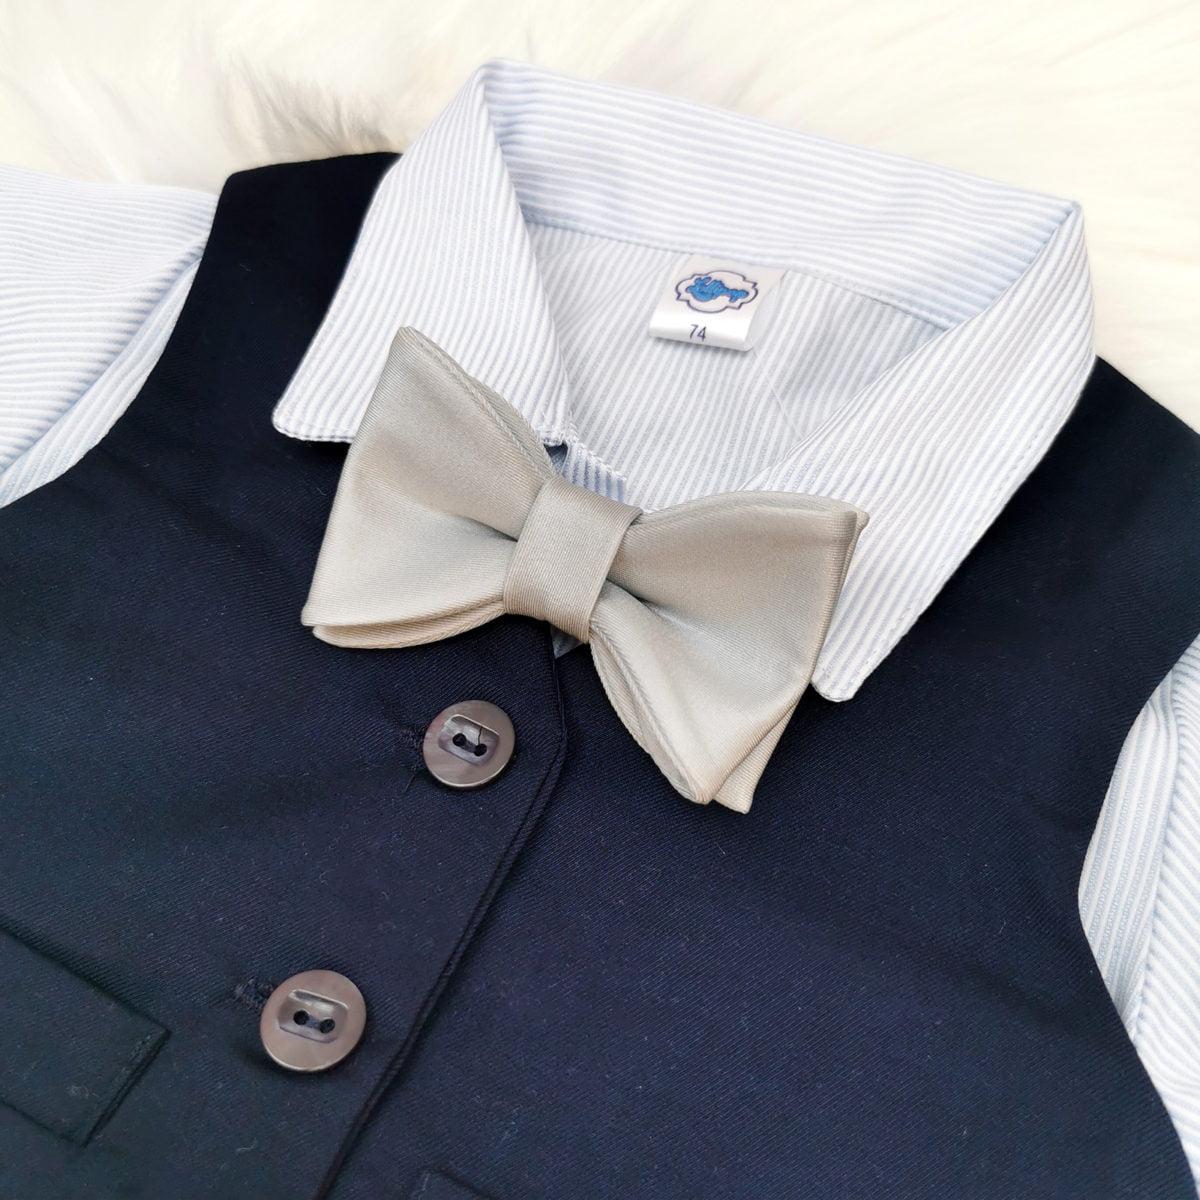 srebrna leptir mašna na tamno plavo odijelo